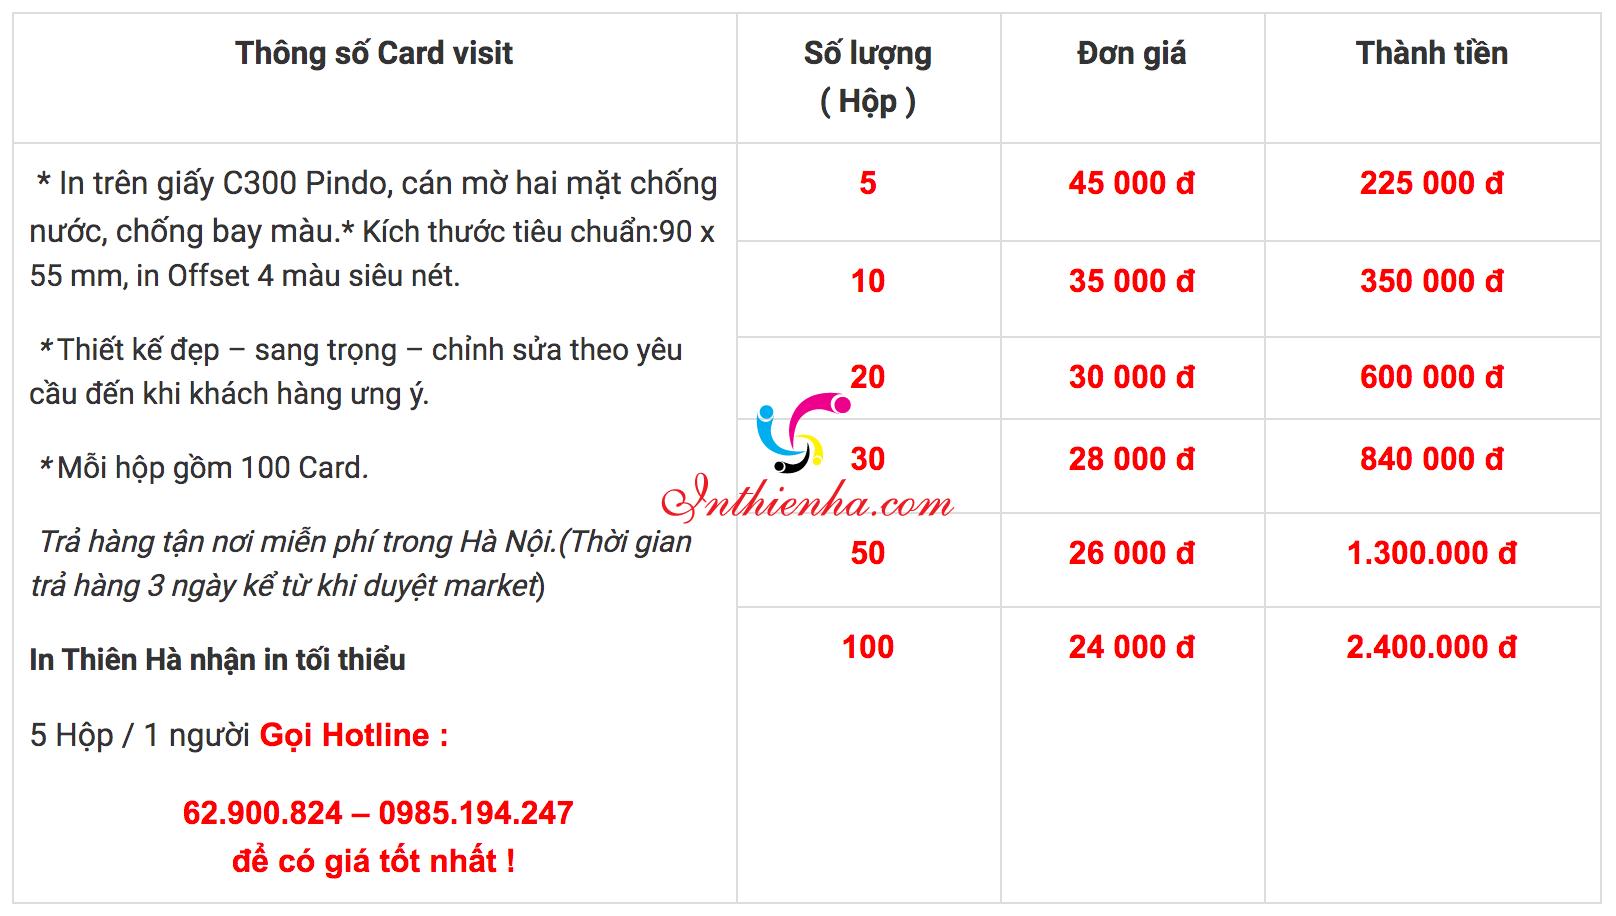 Báo giá in card visit giá rẻ